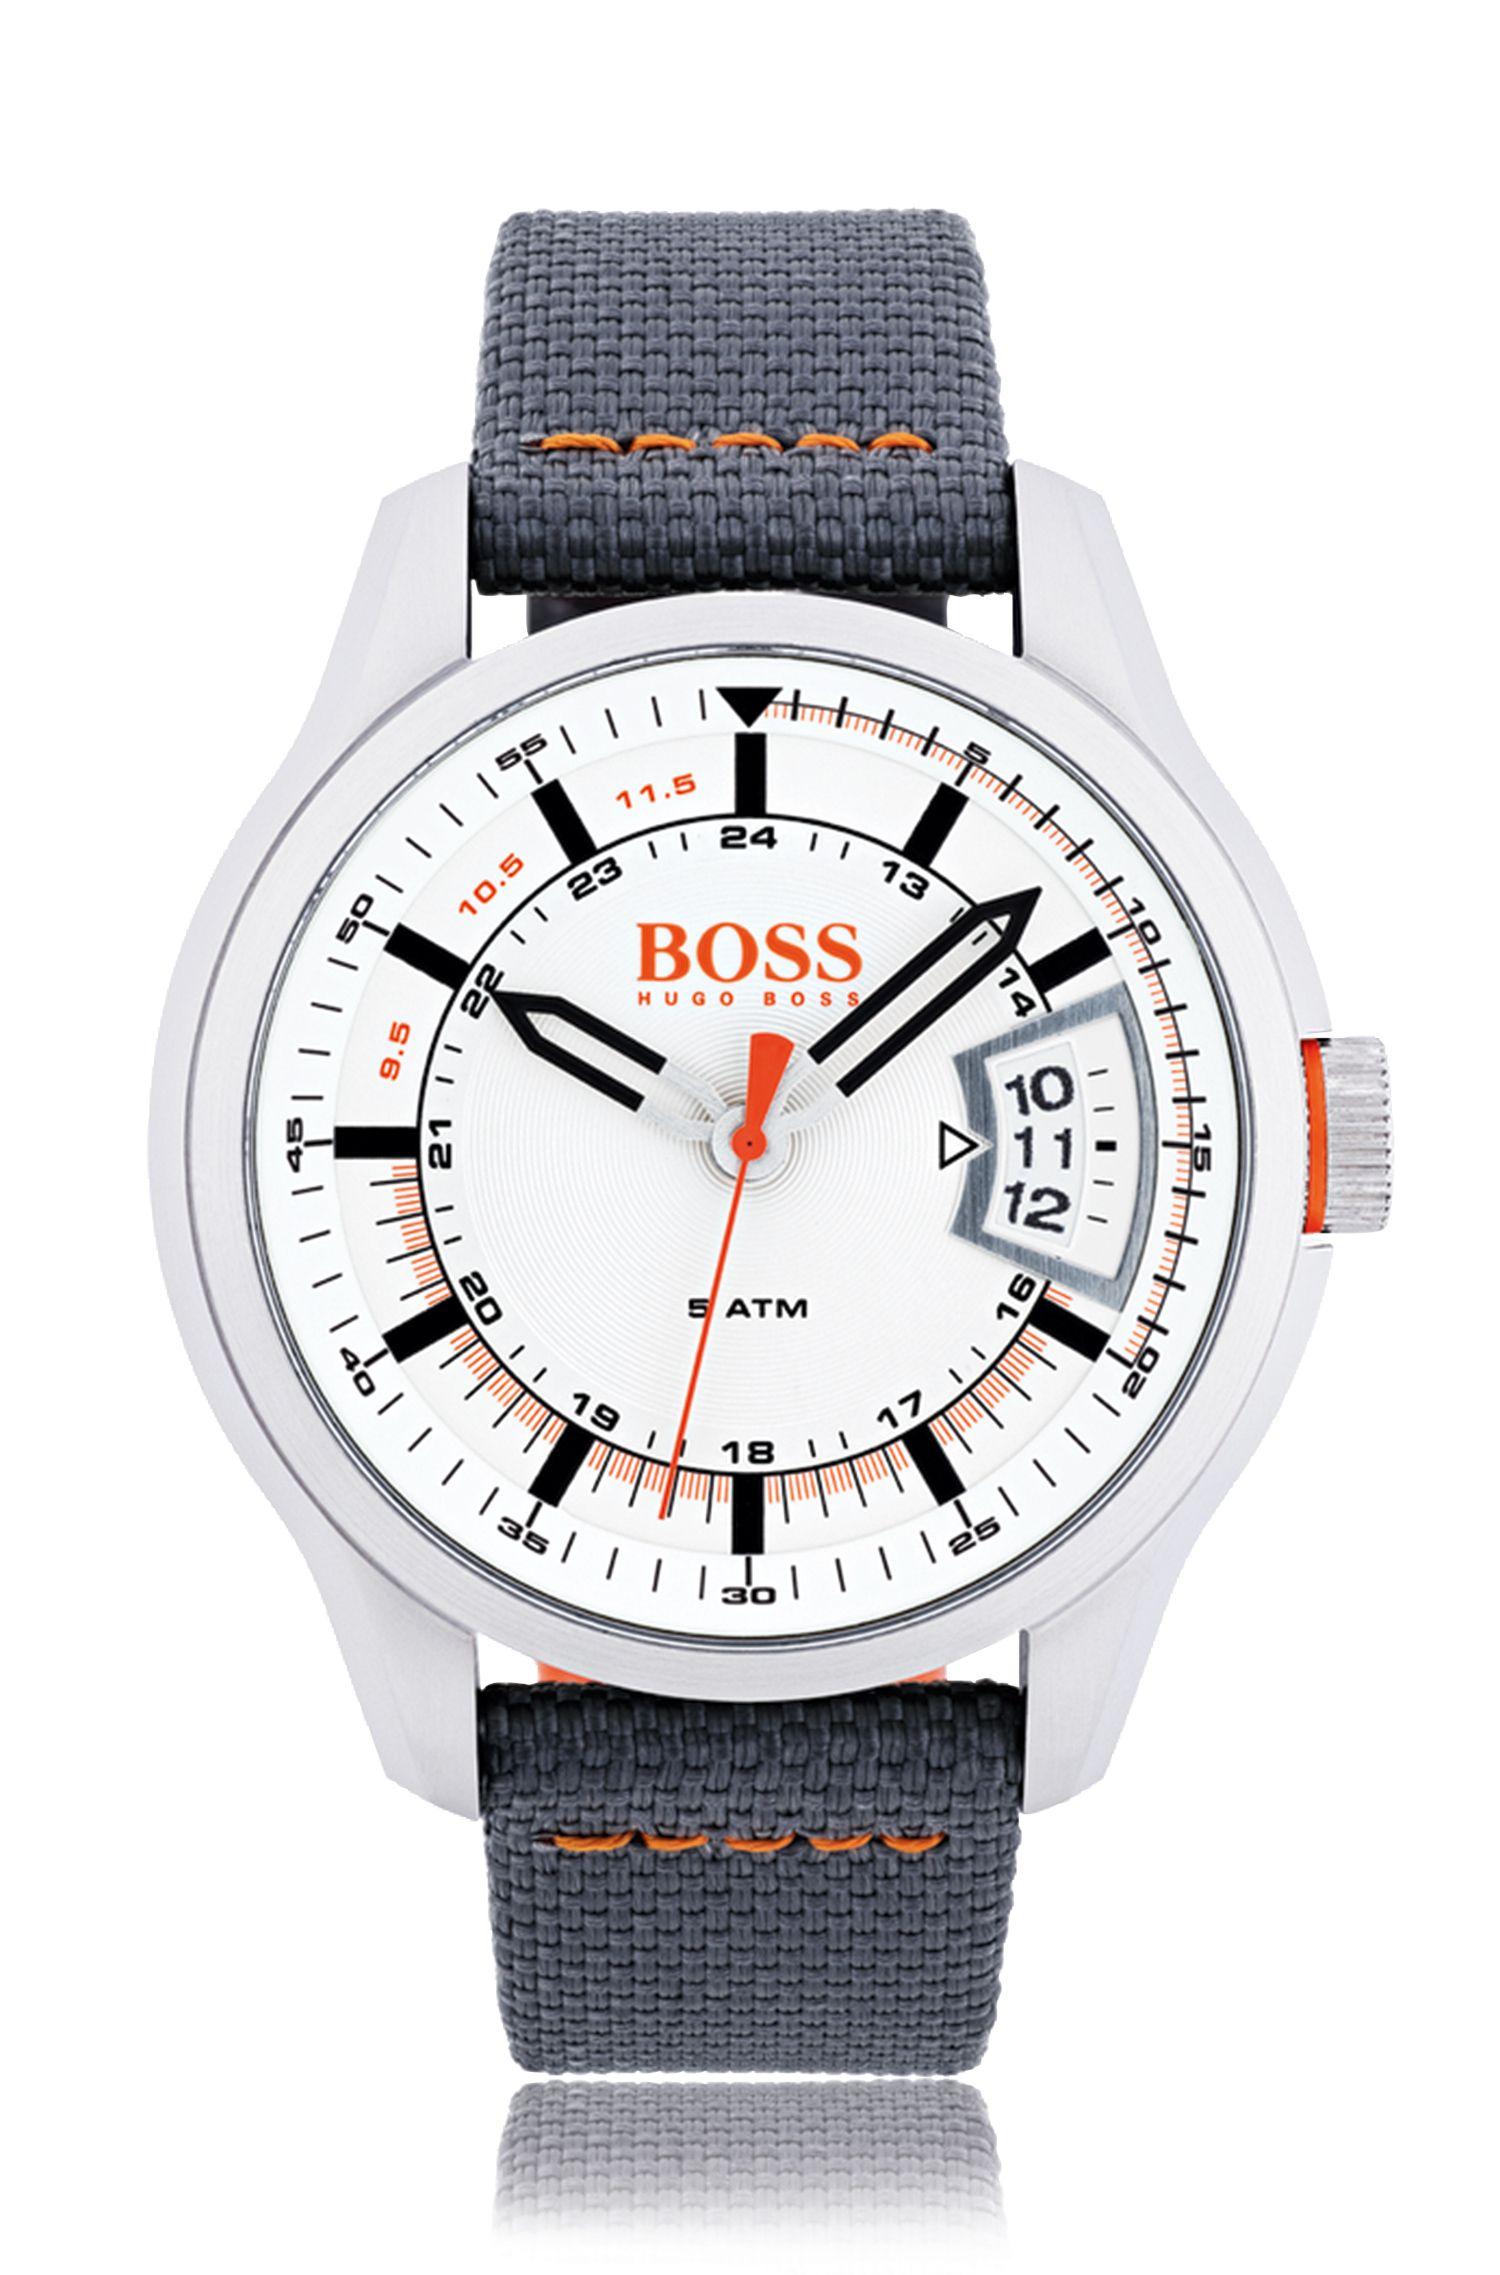 Montre à trois aiguilles en acier inoxydable brossé à cadran blanc et bracelet en tissu gris